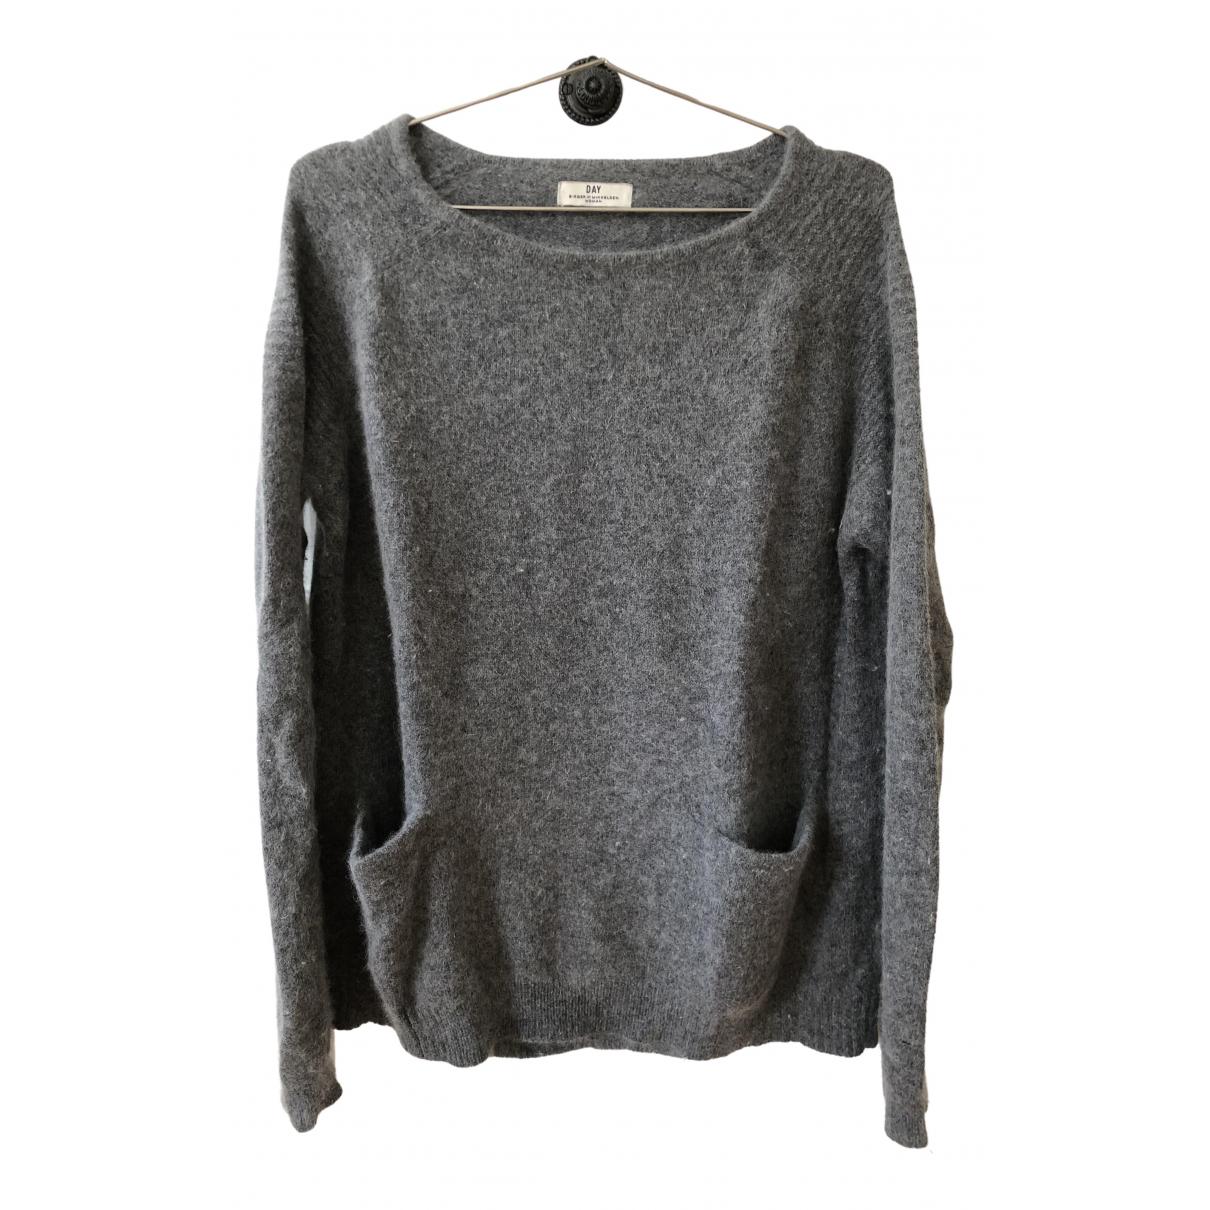 Day Birger & Mikkelsen N Grey Wool Knitwear for Women S International